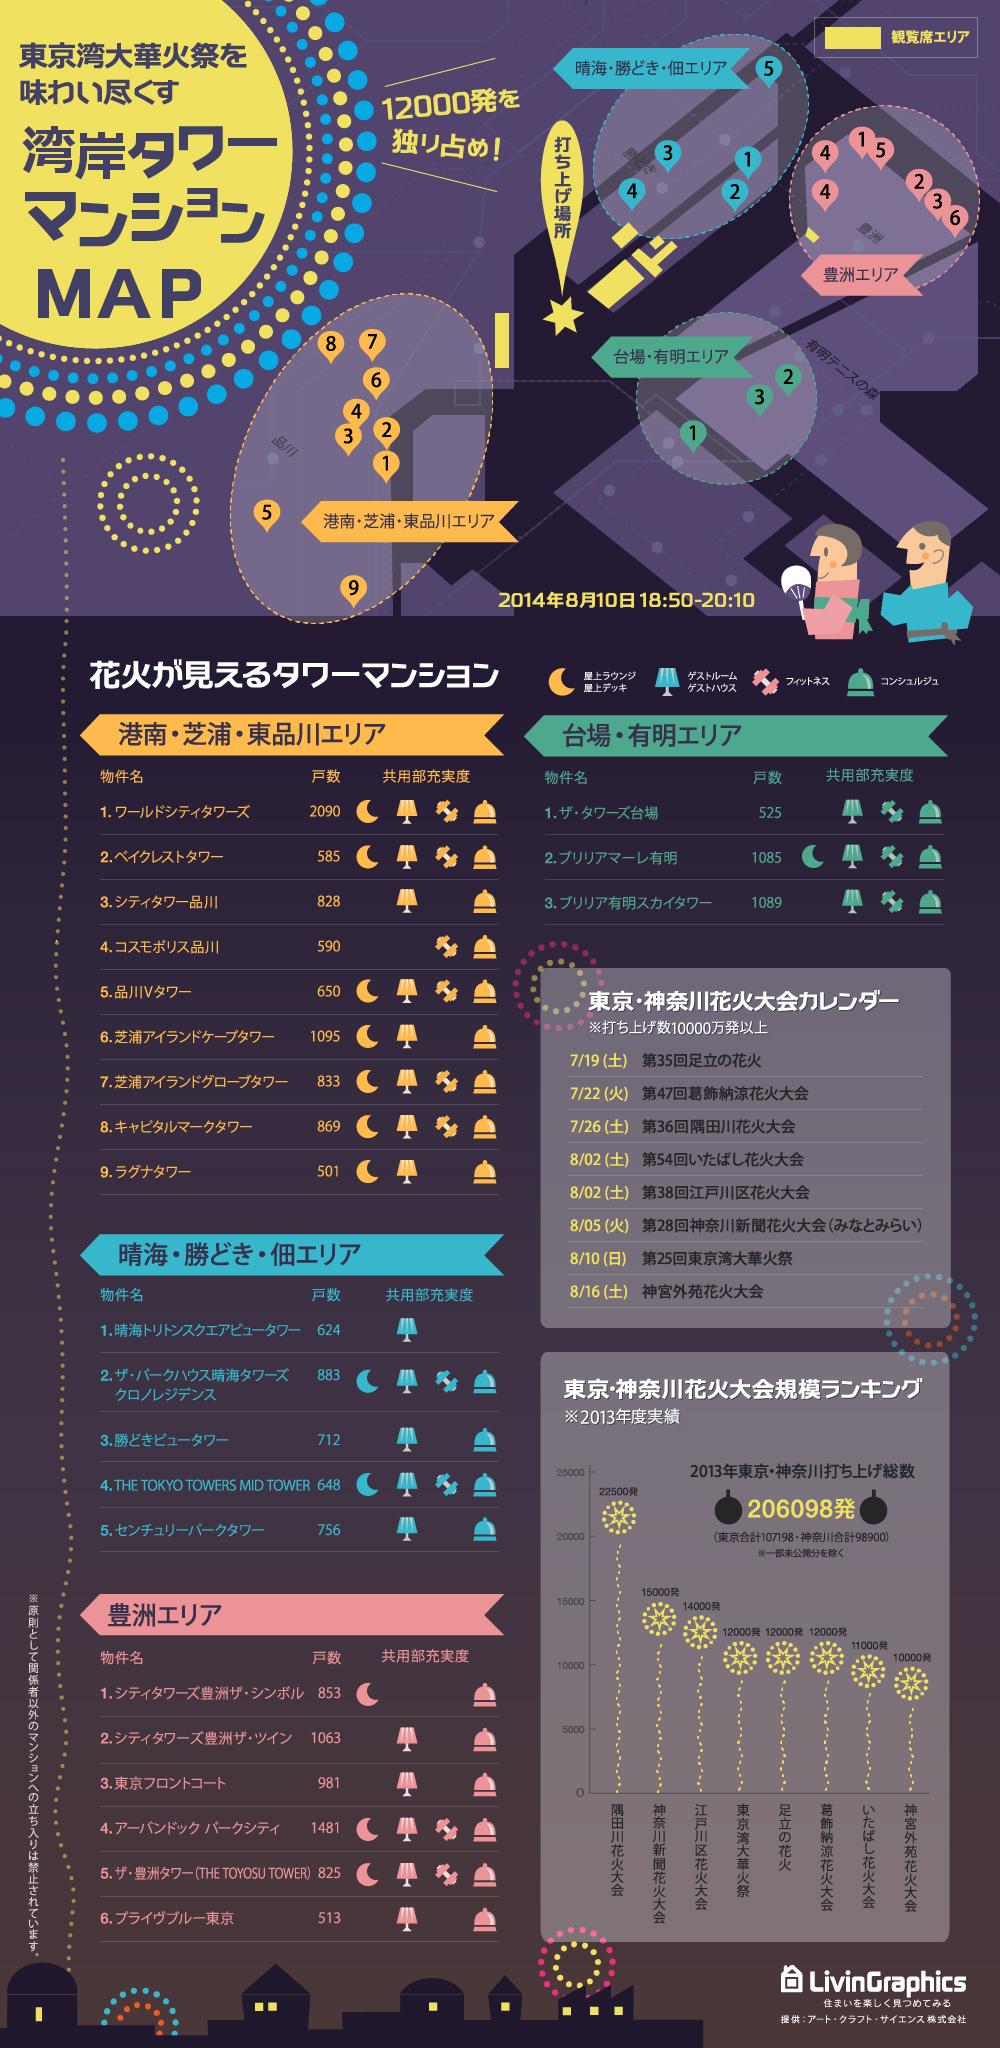 インフォグラフィック:「東京湾大華火祭が一番きれいに見える場所はどこ?